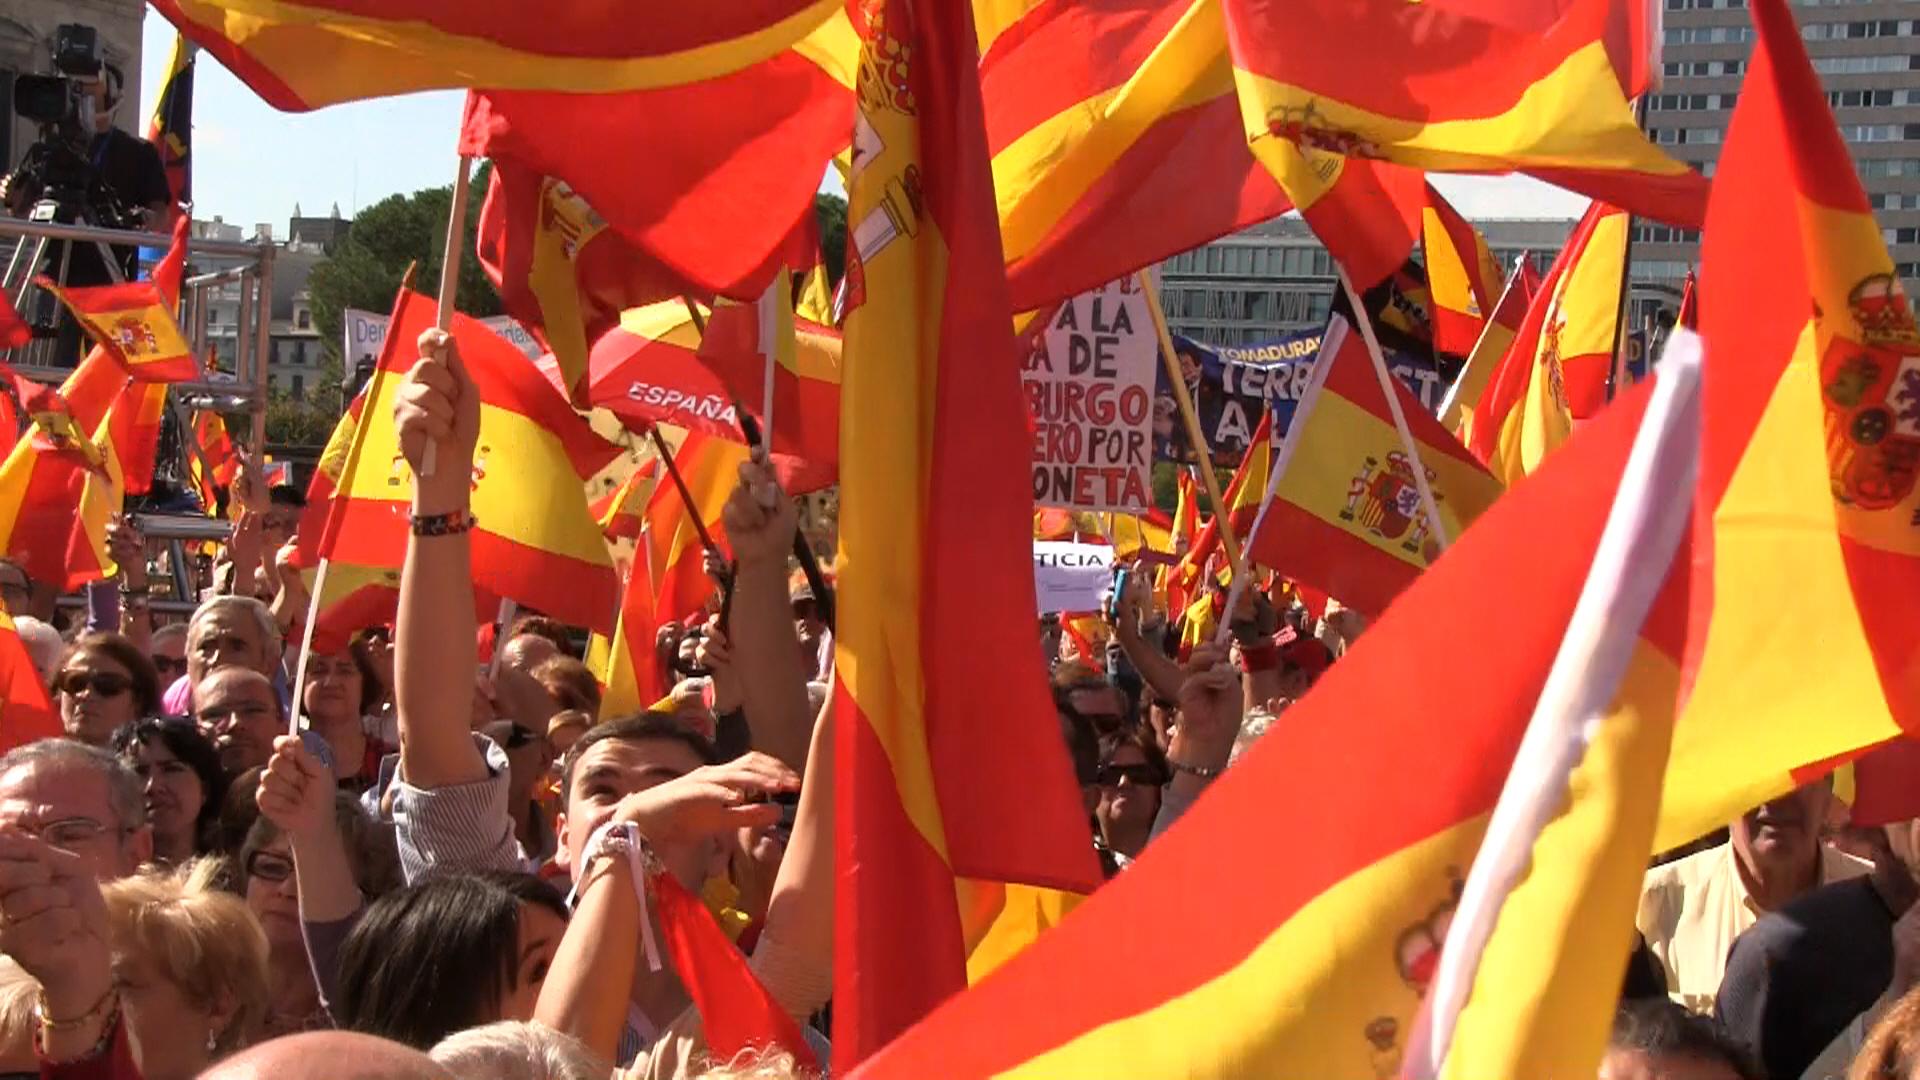 Centenares de miles de catalanes abogan esta mañana en las calles de Barcelona con el motivo del 12-O 2014 y para rechazar la propuesta separatista del presidente Artur Mas